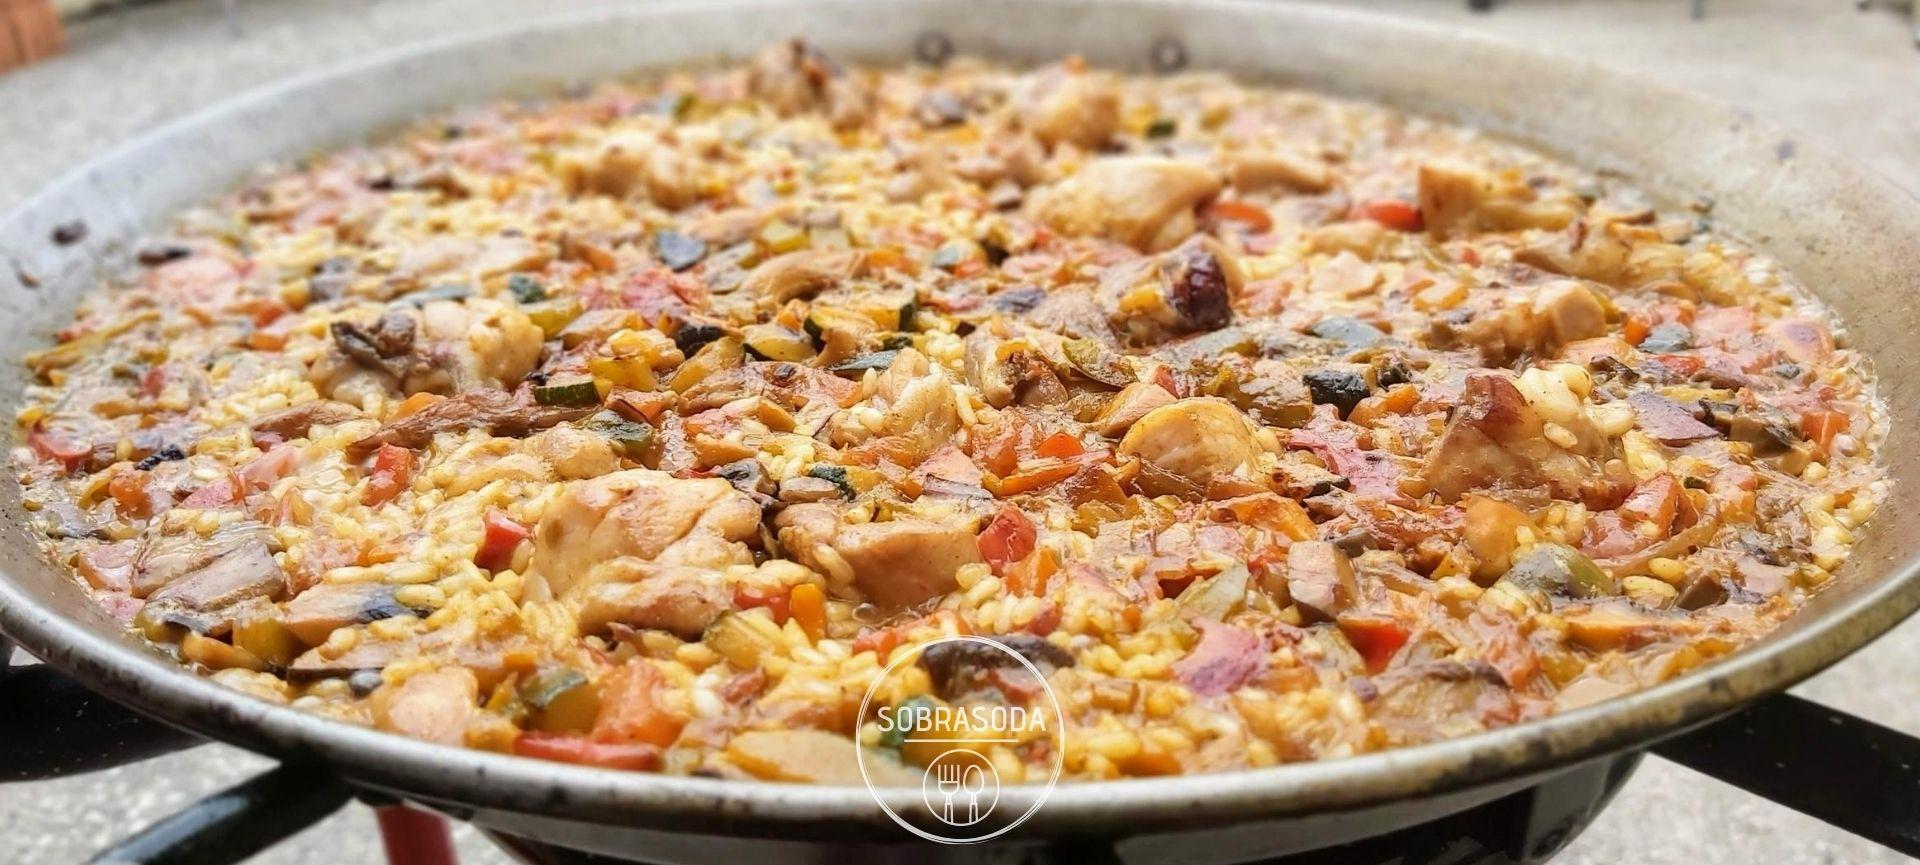 SOBRASODA arroz con pollo y verduras